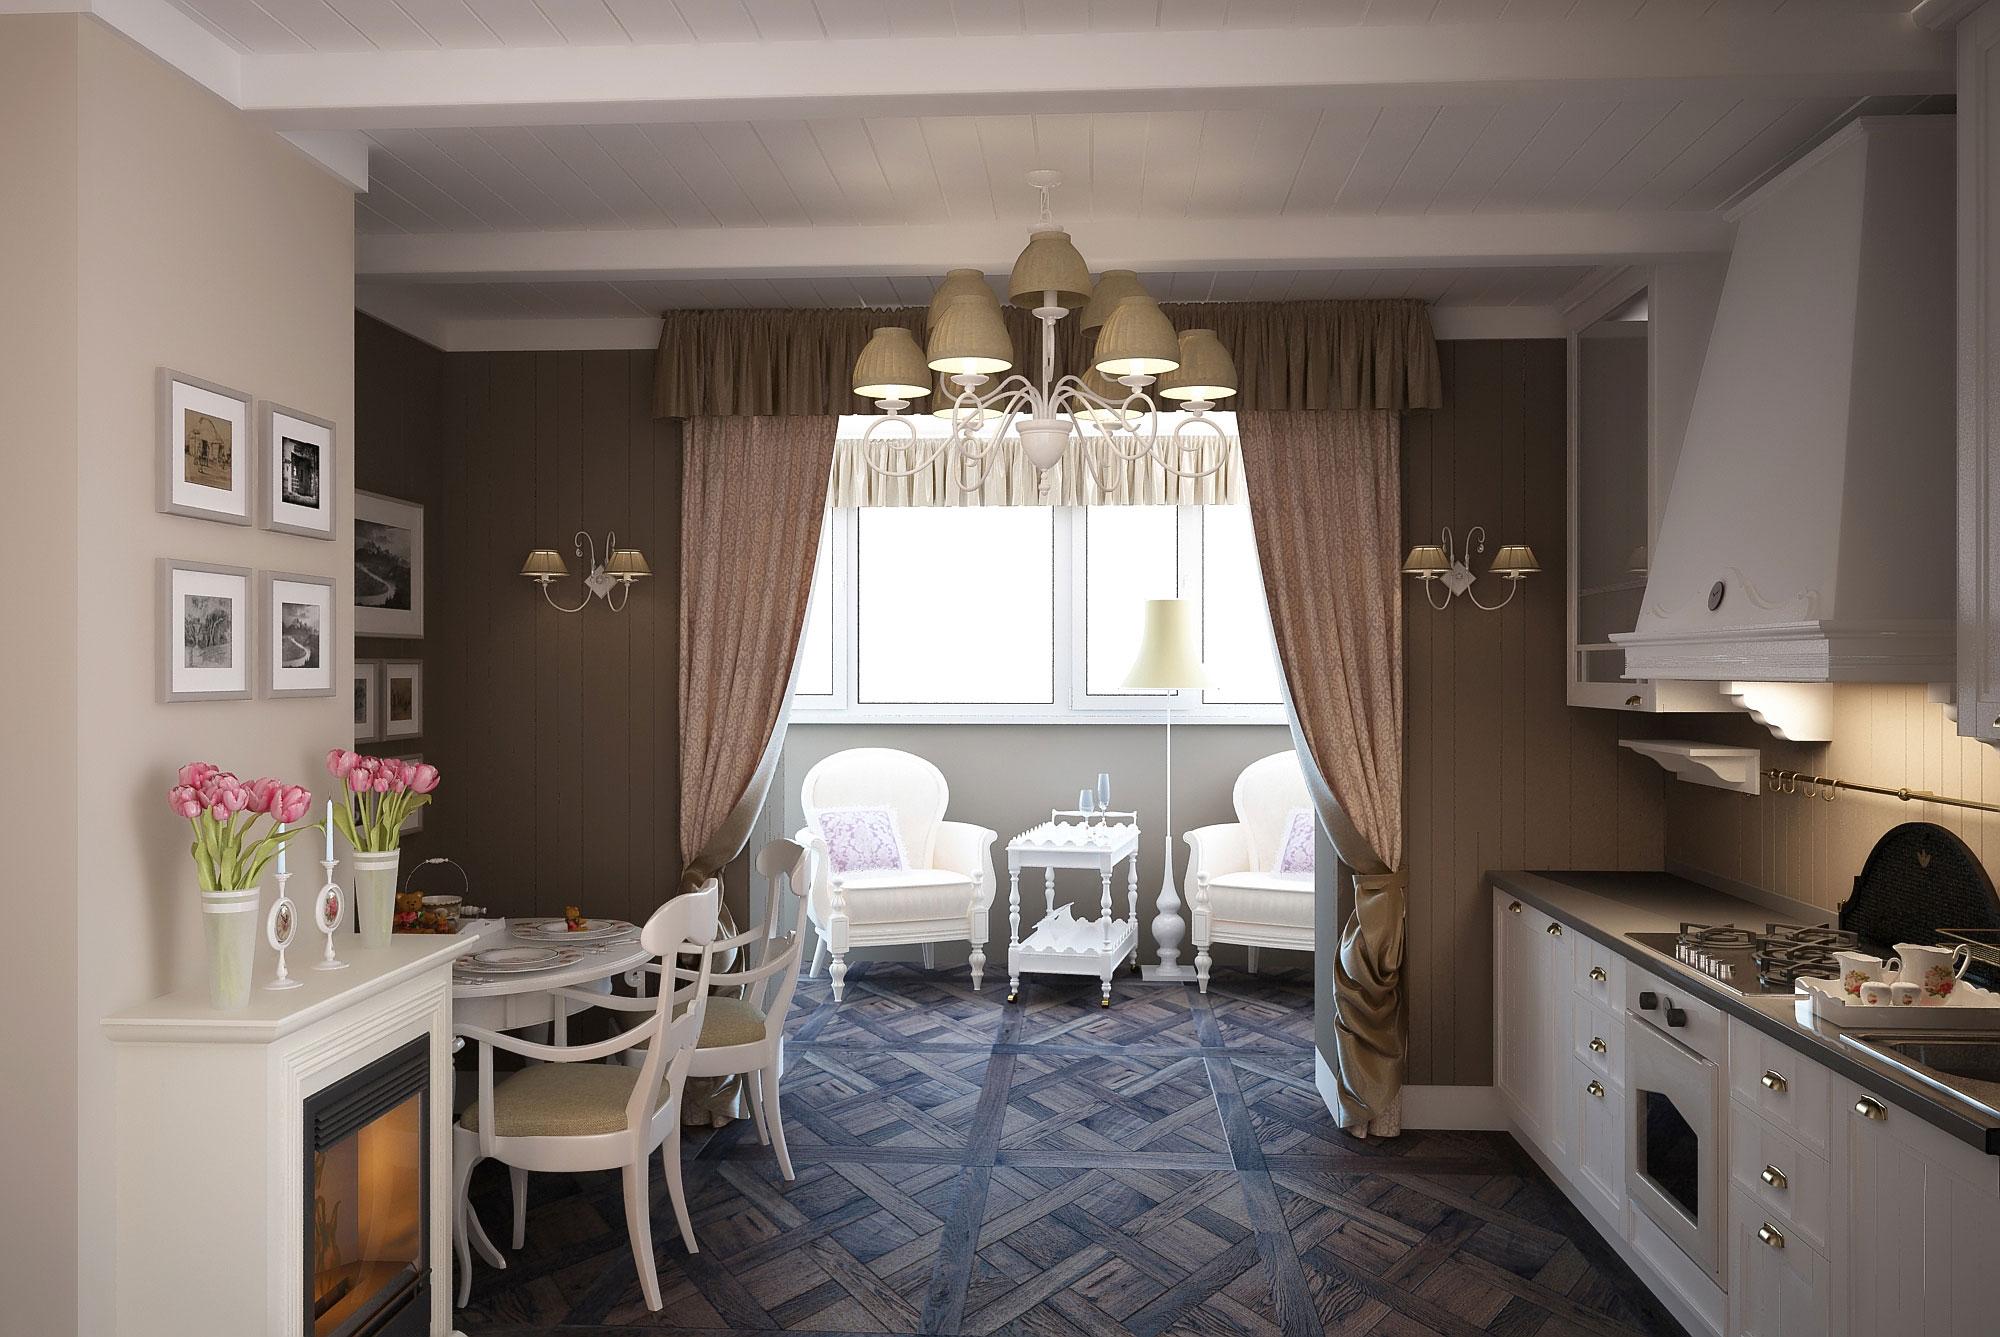 """Кухня совмещенная с балконом дизайн фото """" современный дизай."""